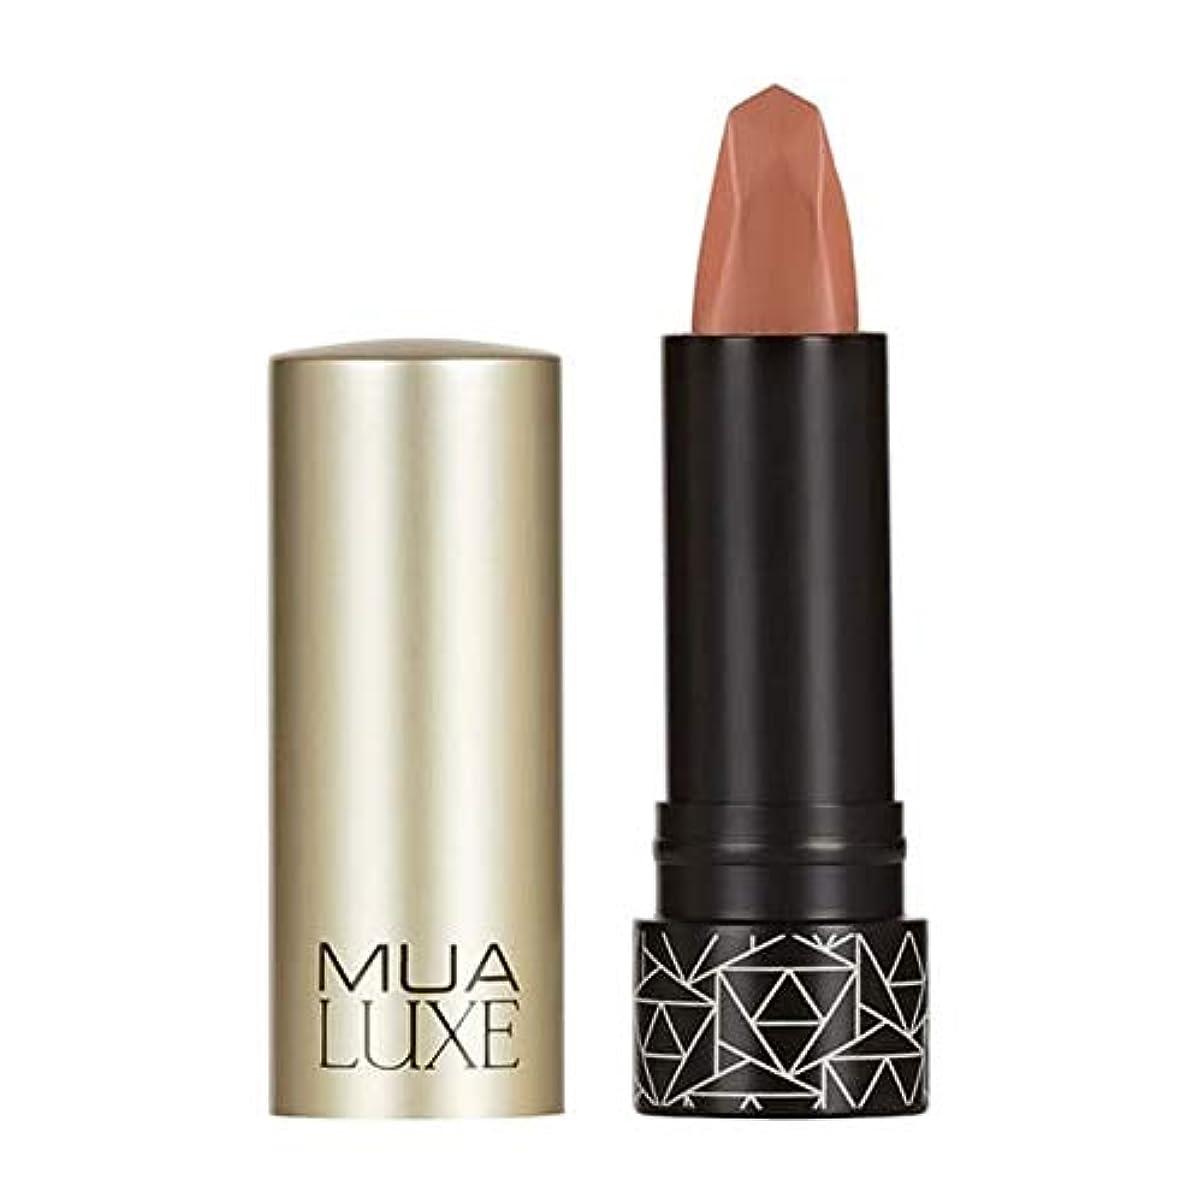 相対的麻痺させる不定[MUA] Muaラックスベルベットマットリップスティック#10 - MUA Luxe Velvet Matte Lipstick #10 [並行輸入品]